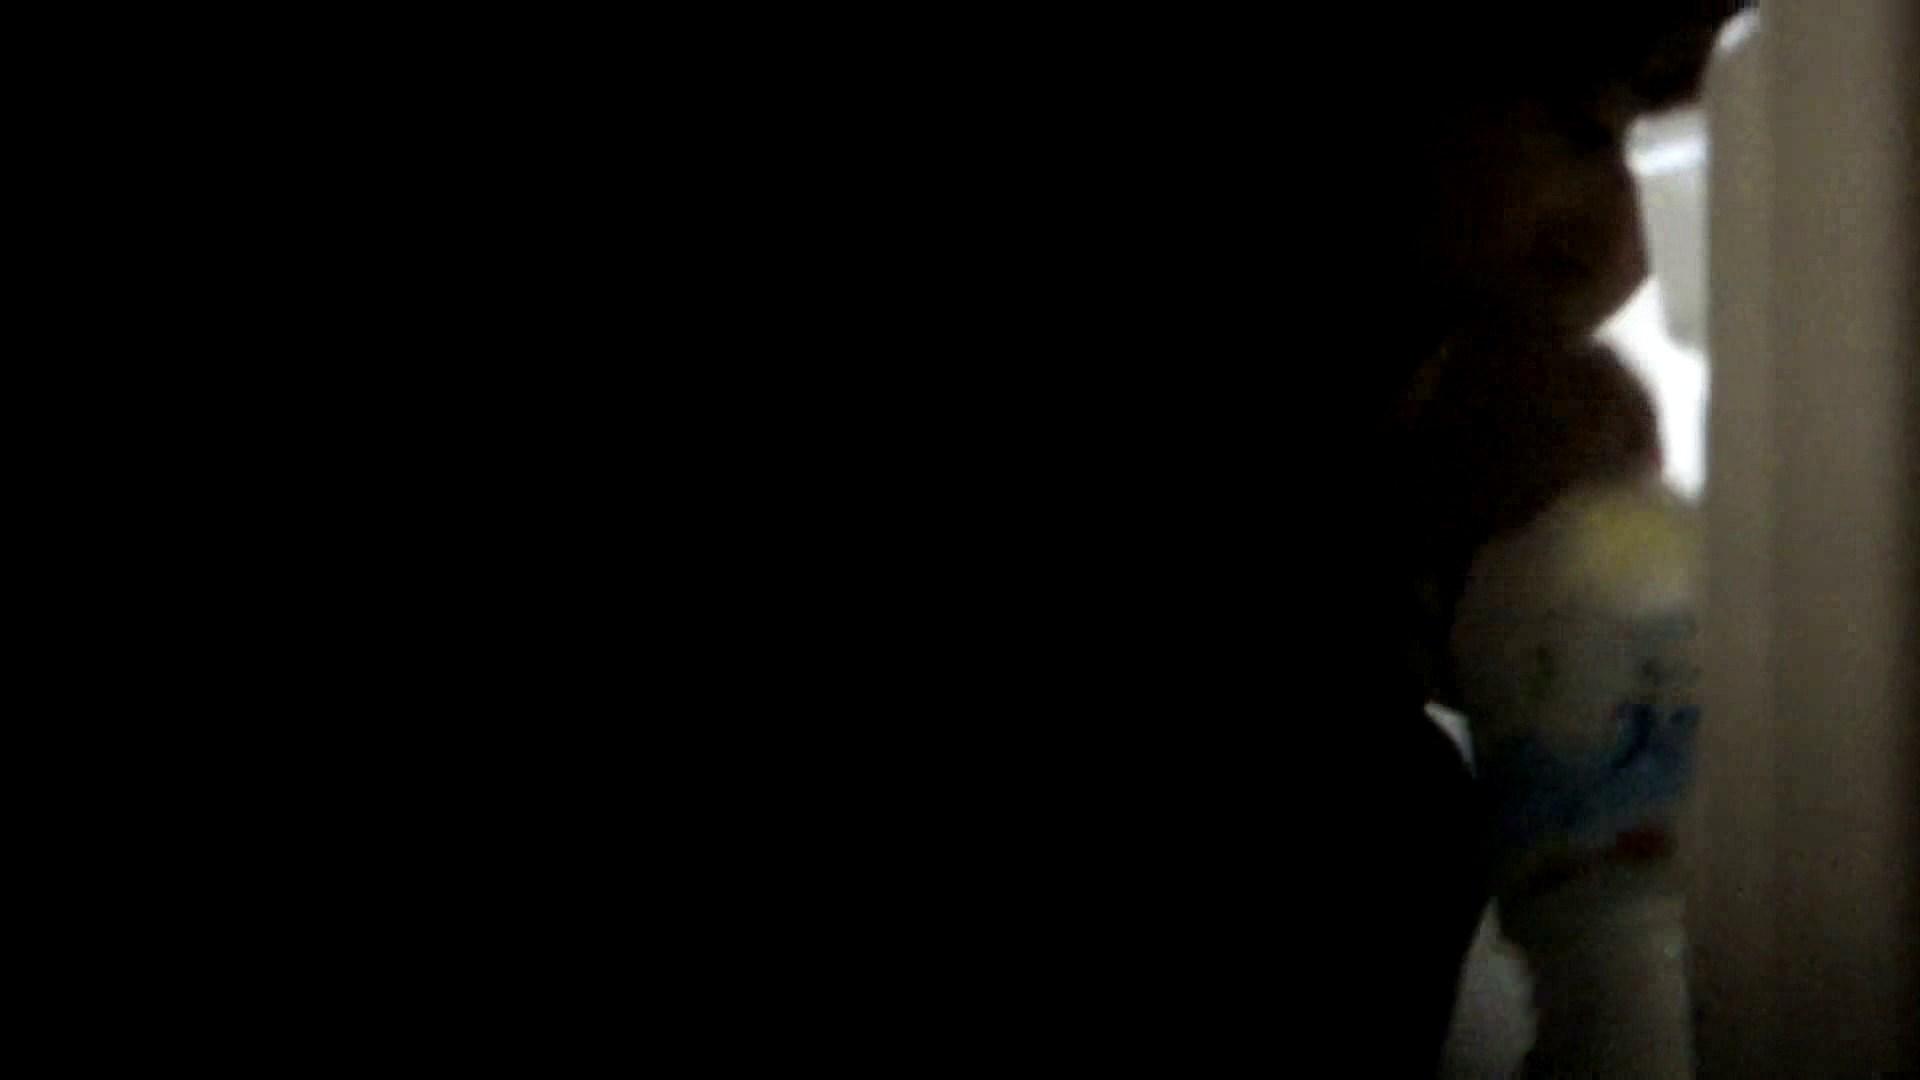 リアル盗撮 清楚なお女市さんのマル秘私生活② 盗撮エロすぎ   美女達のヌード  53連発 22